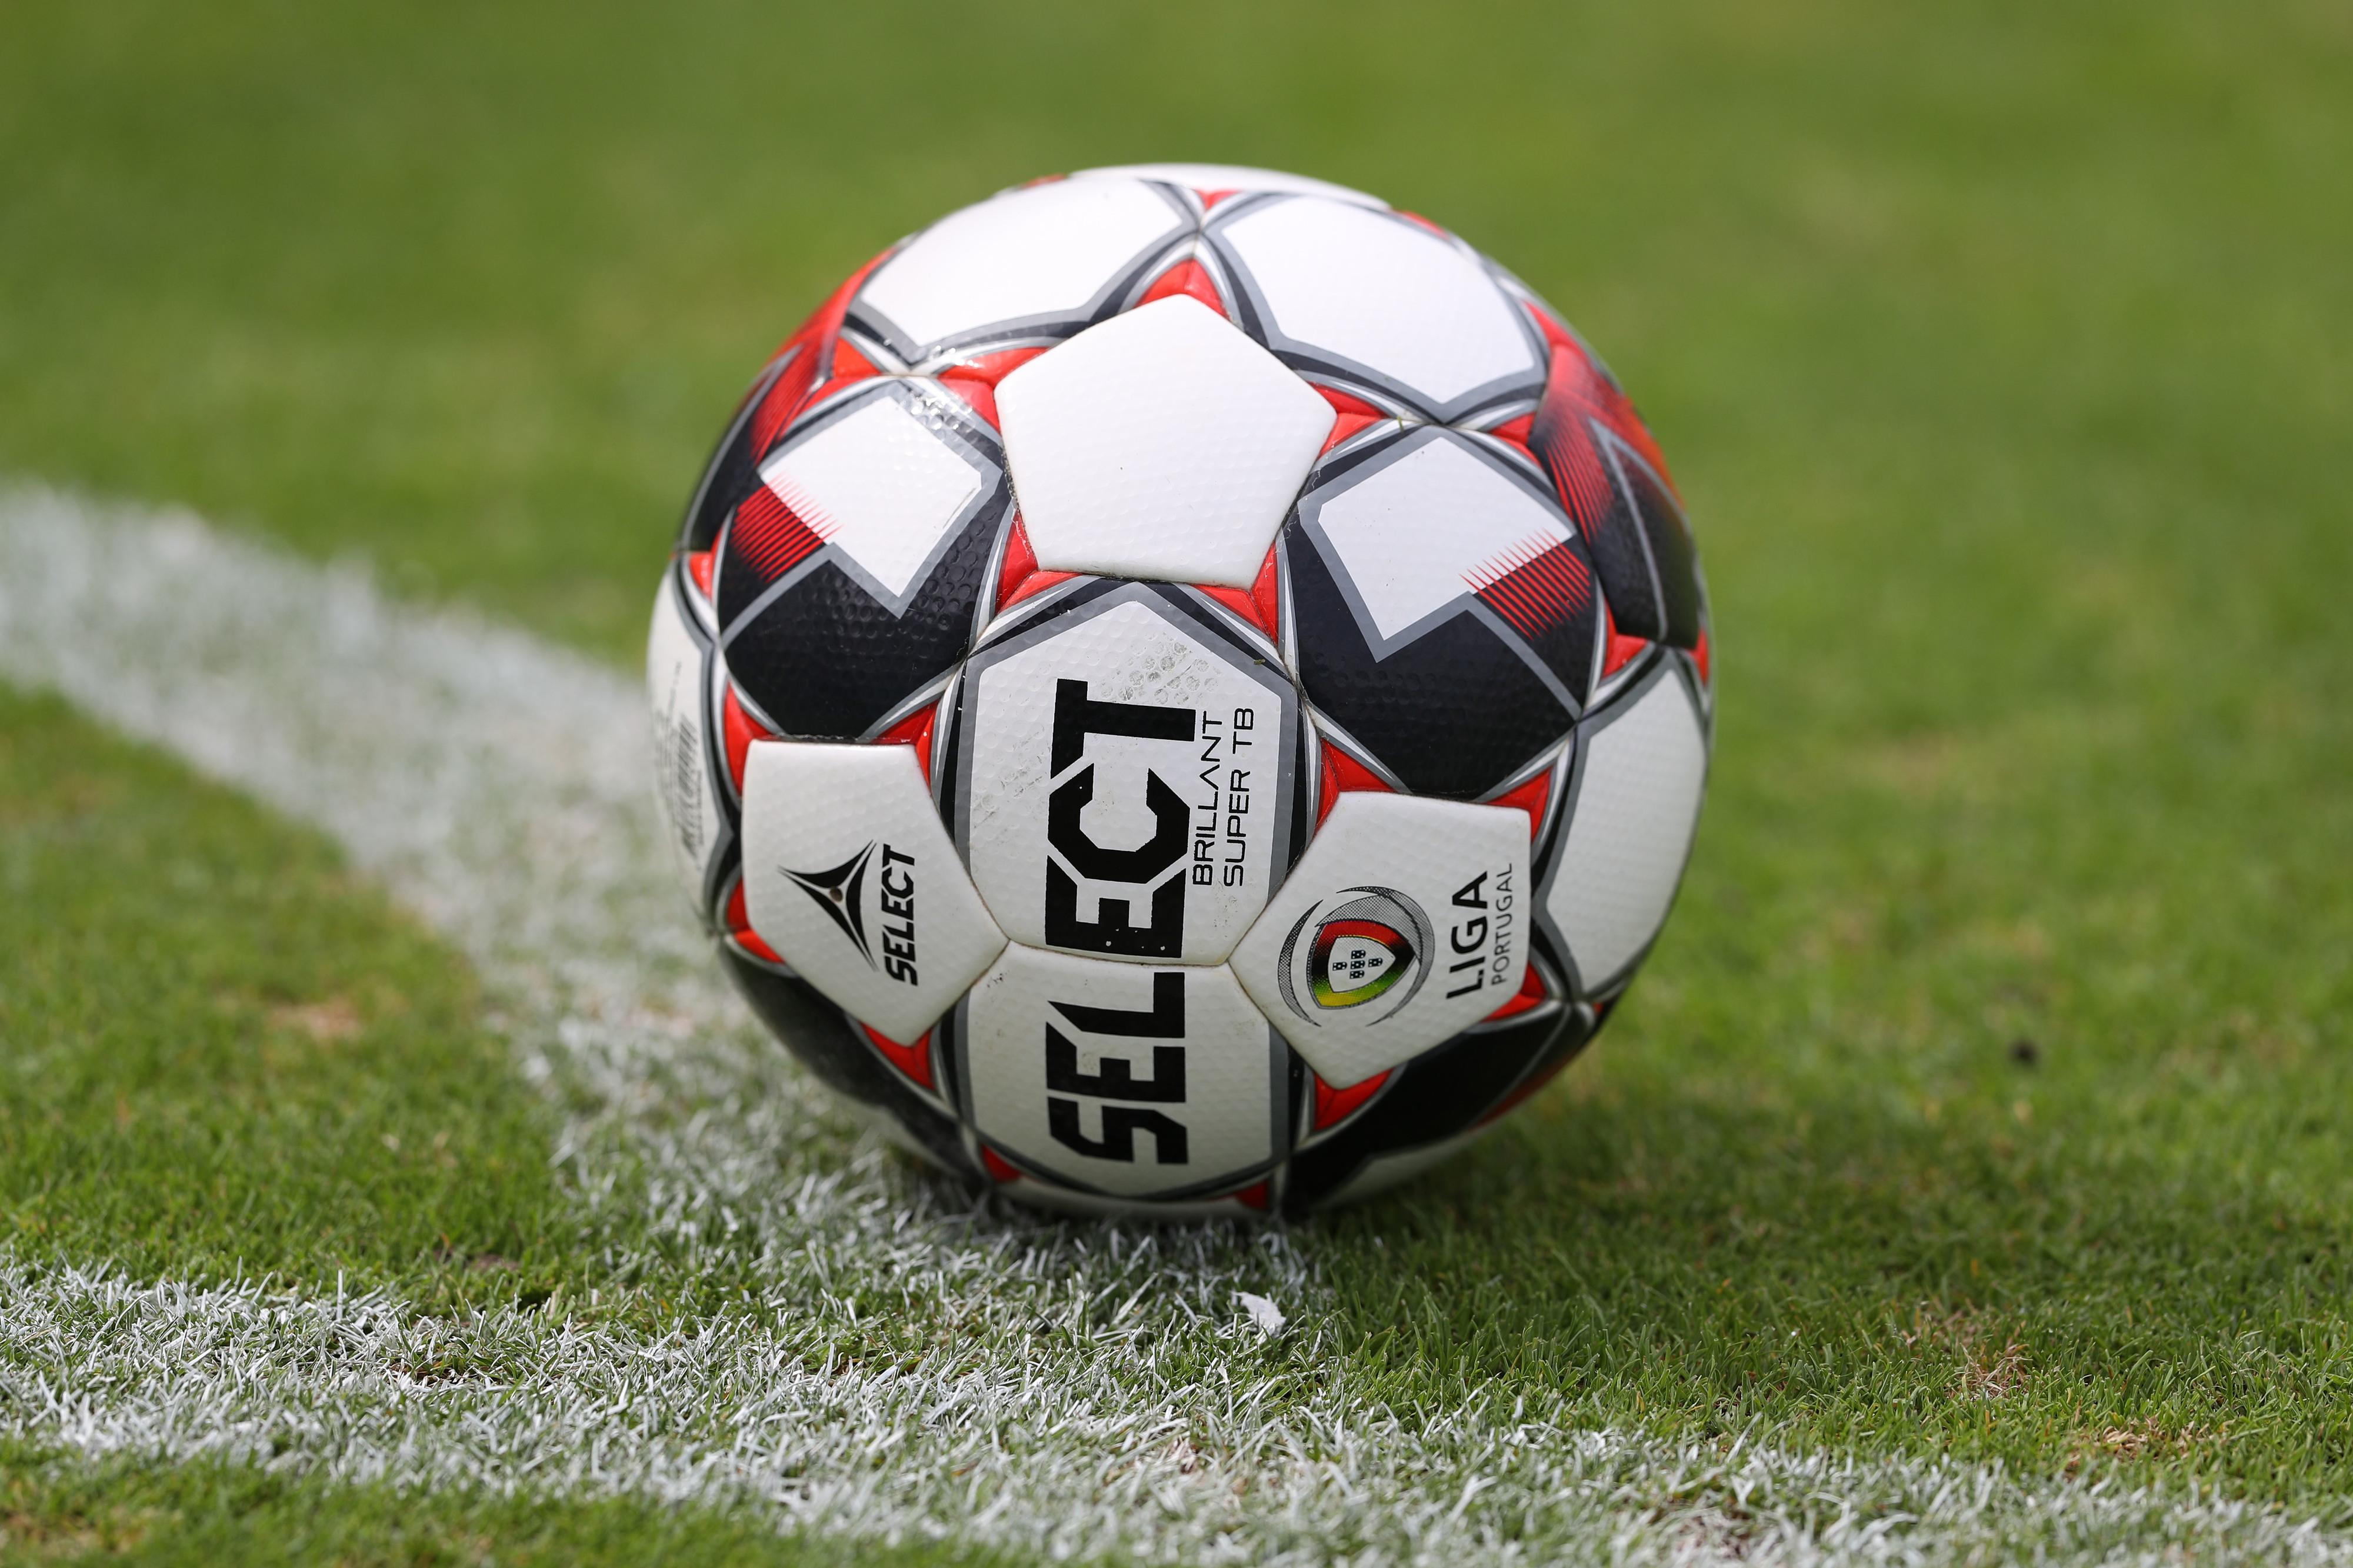 Clubes da I Liga preparam-se para cortes: Três grandes perto de acordo com jogadores